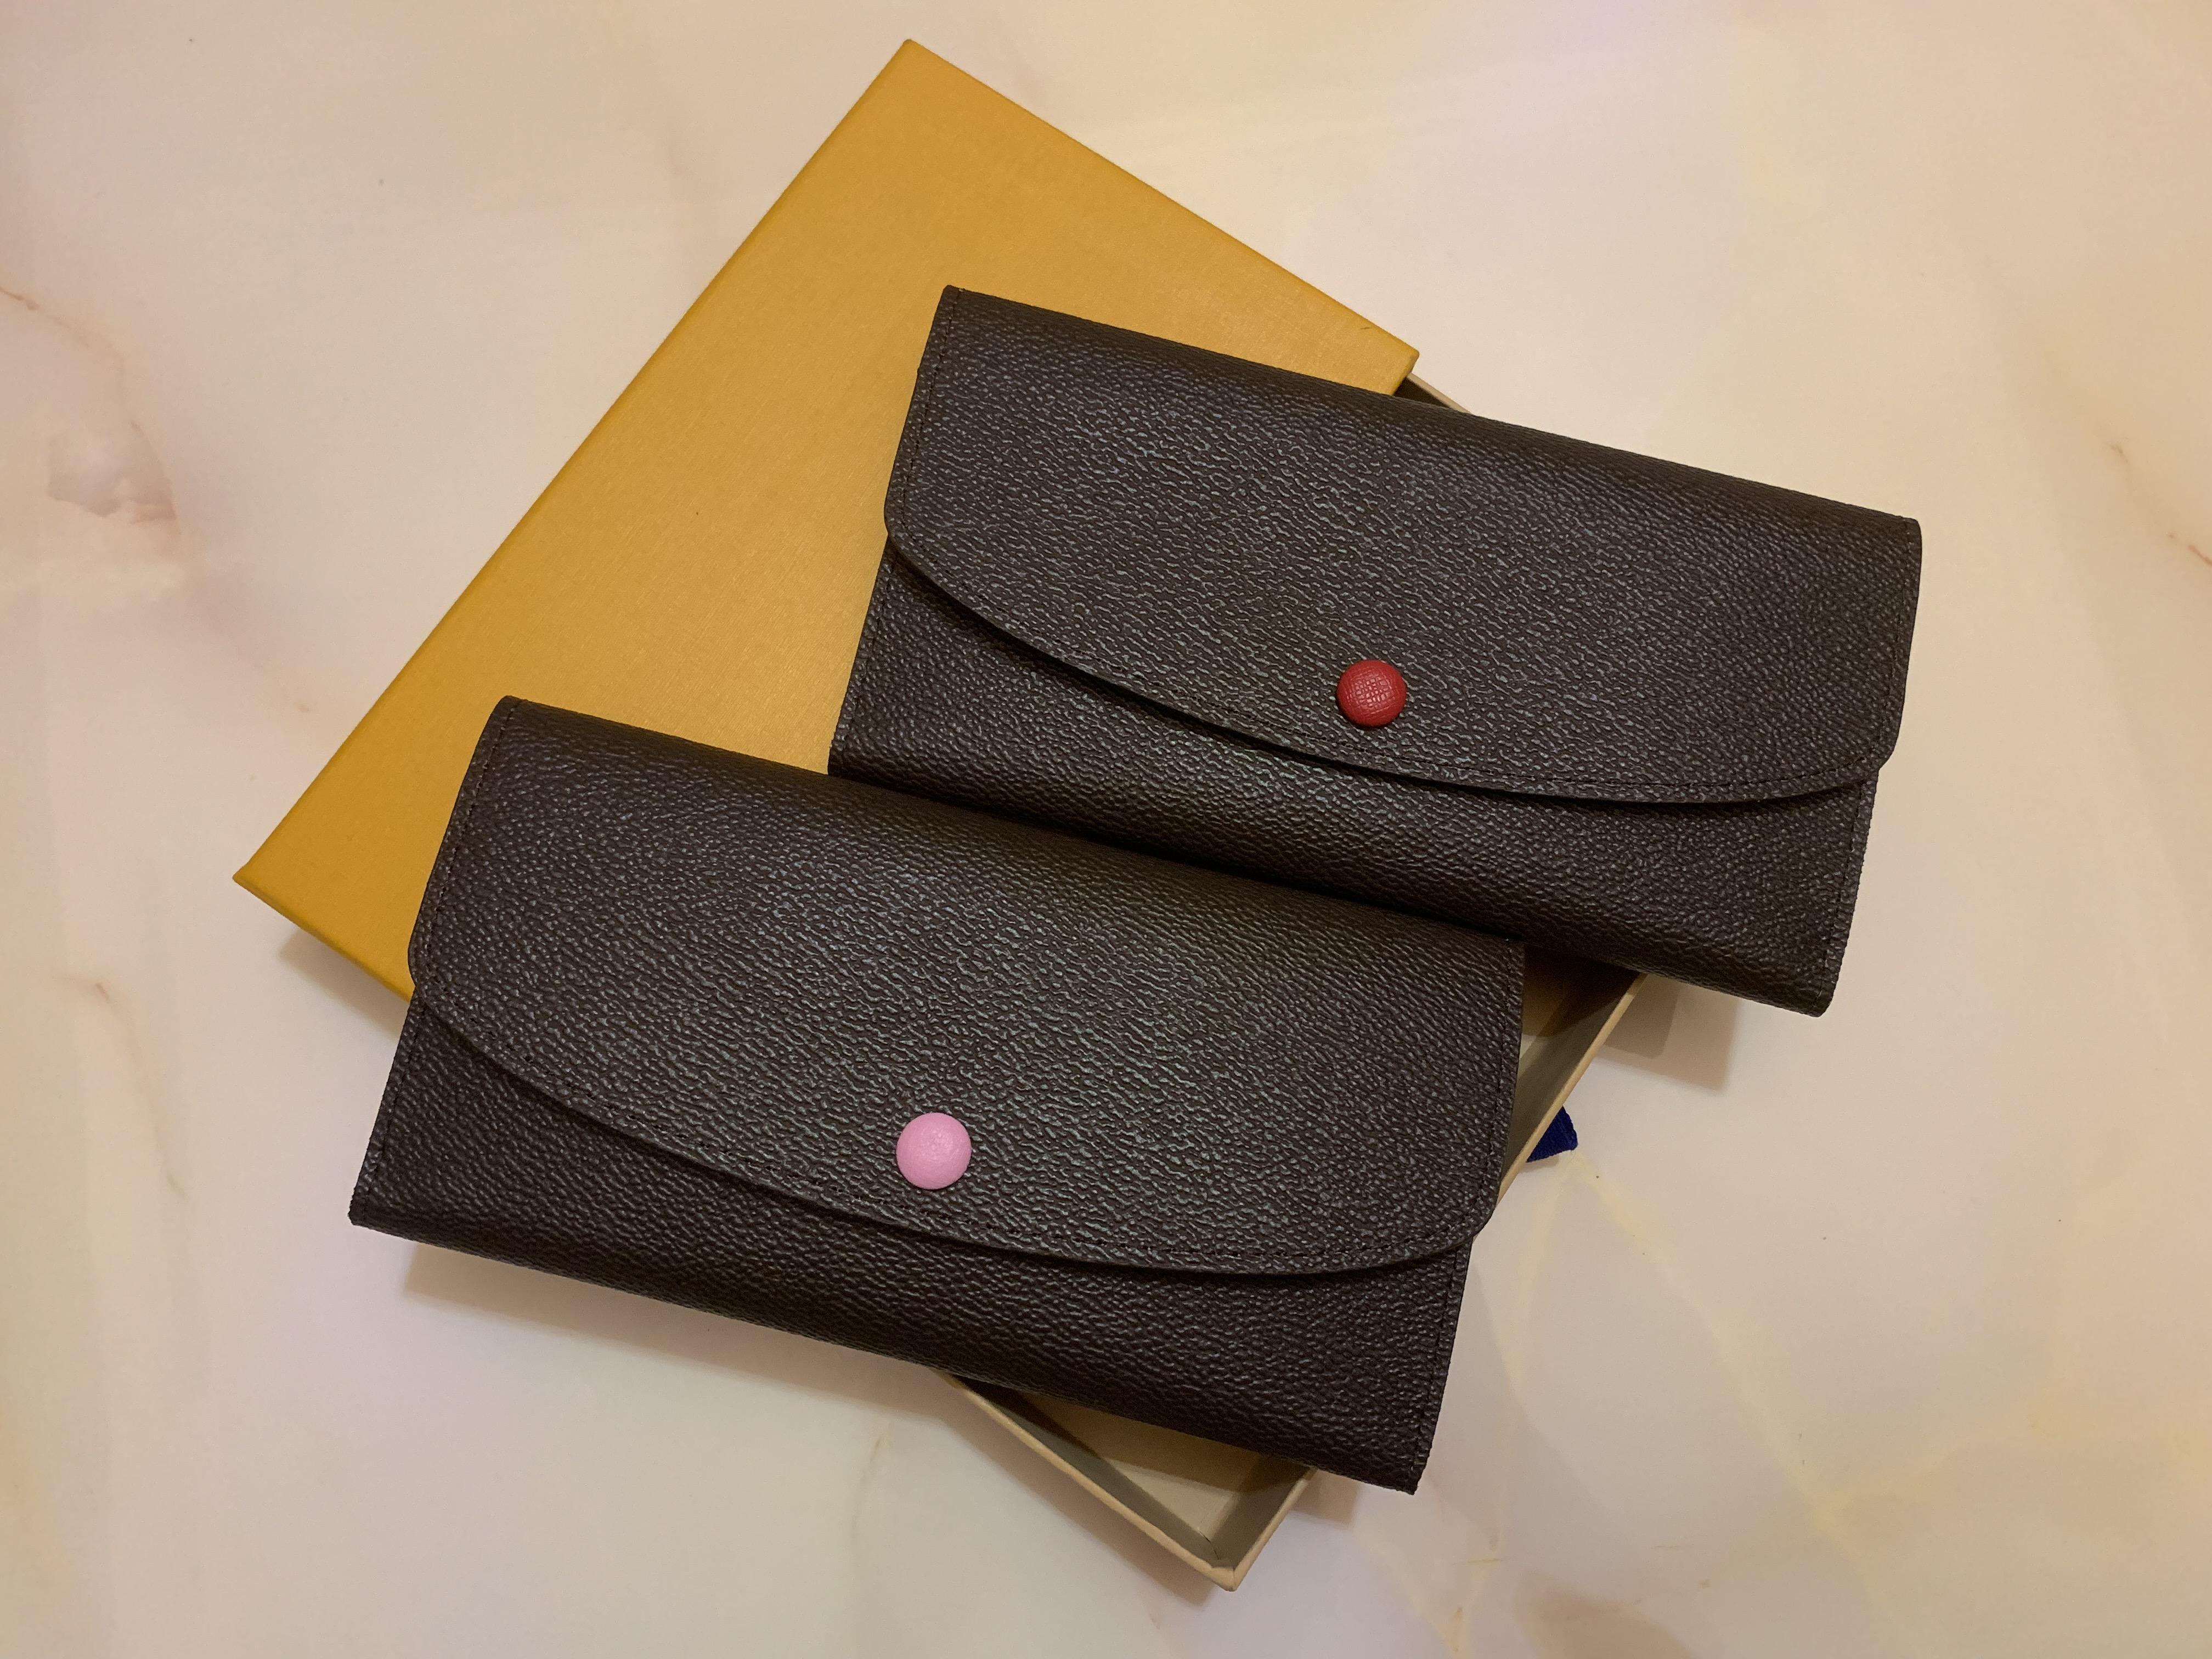 Nuevo botón del diseñador Mujeres corto carteras Mujer Moda monedero cero estilo europeo señora Clutchs ocasionales con Caja